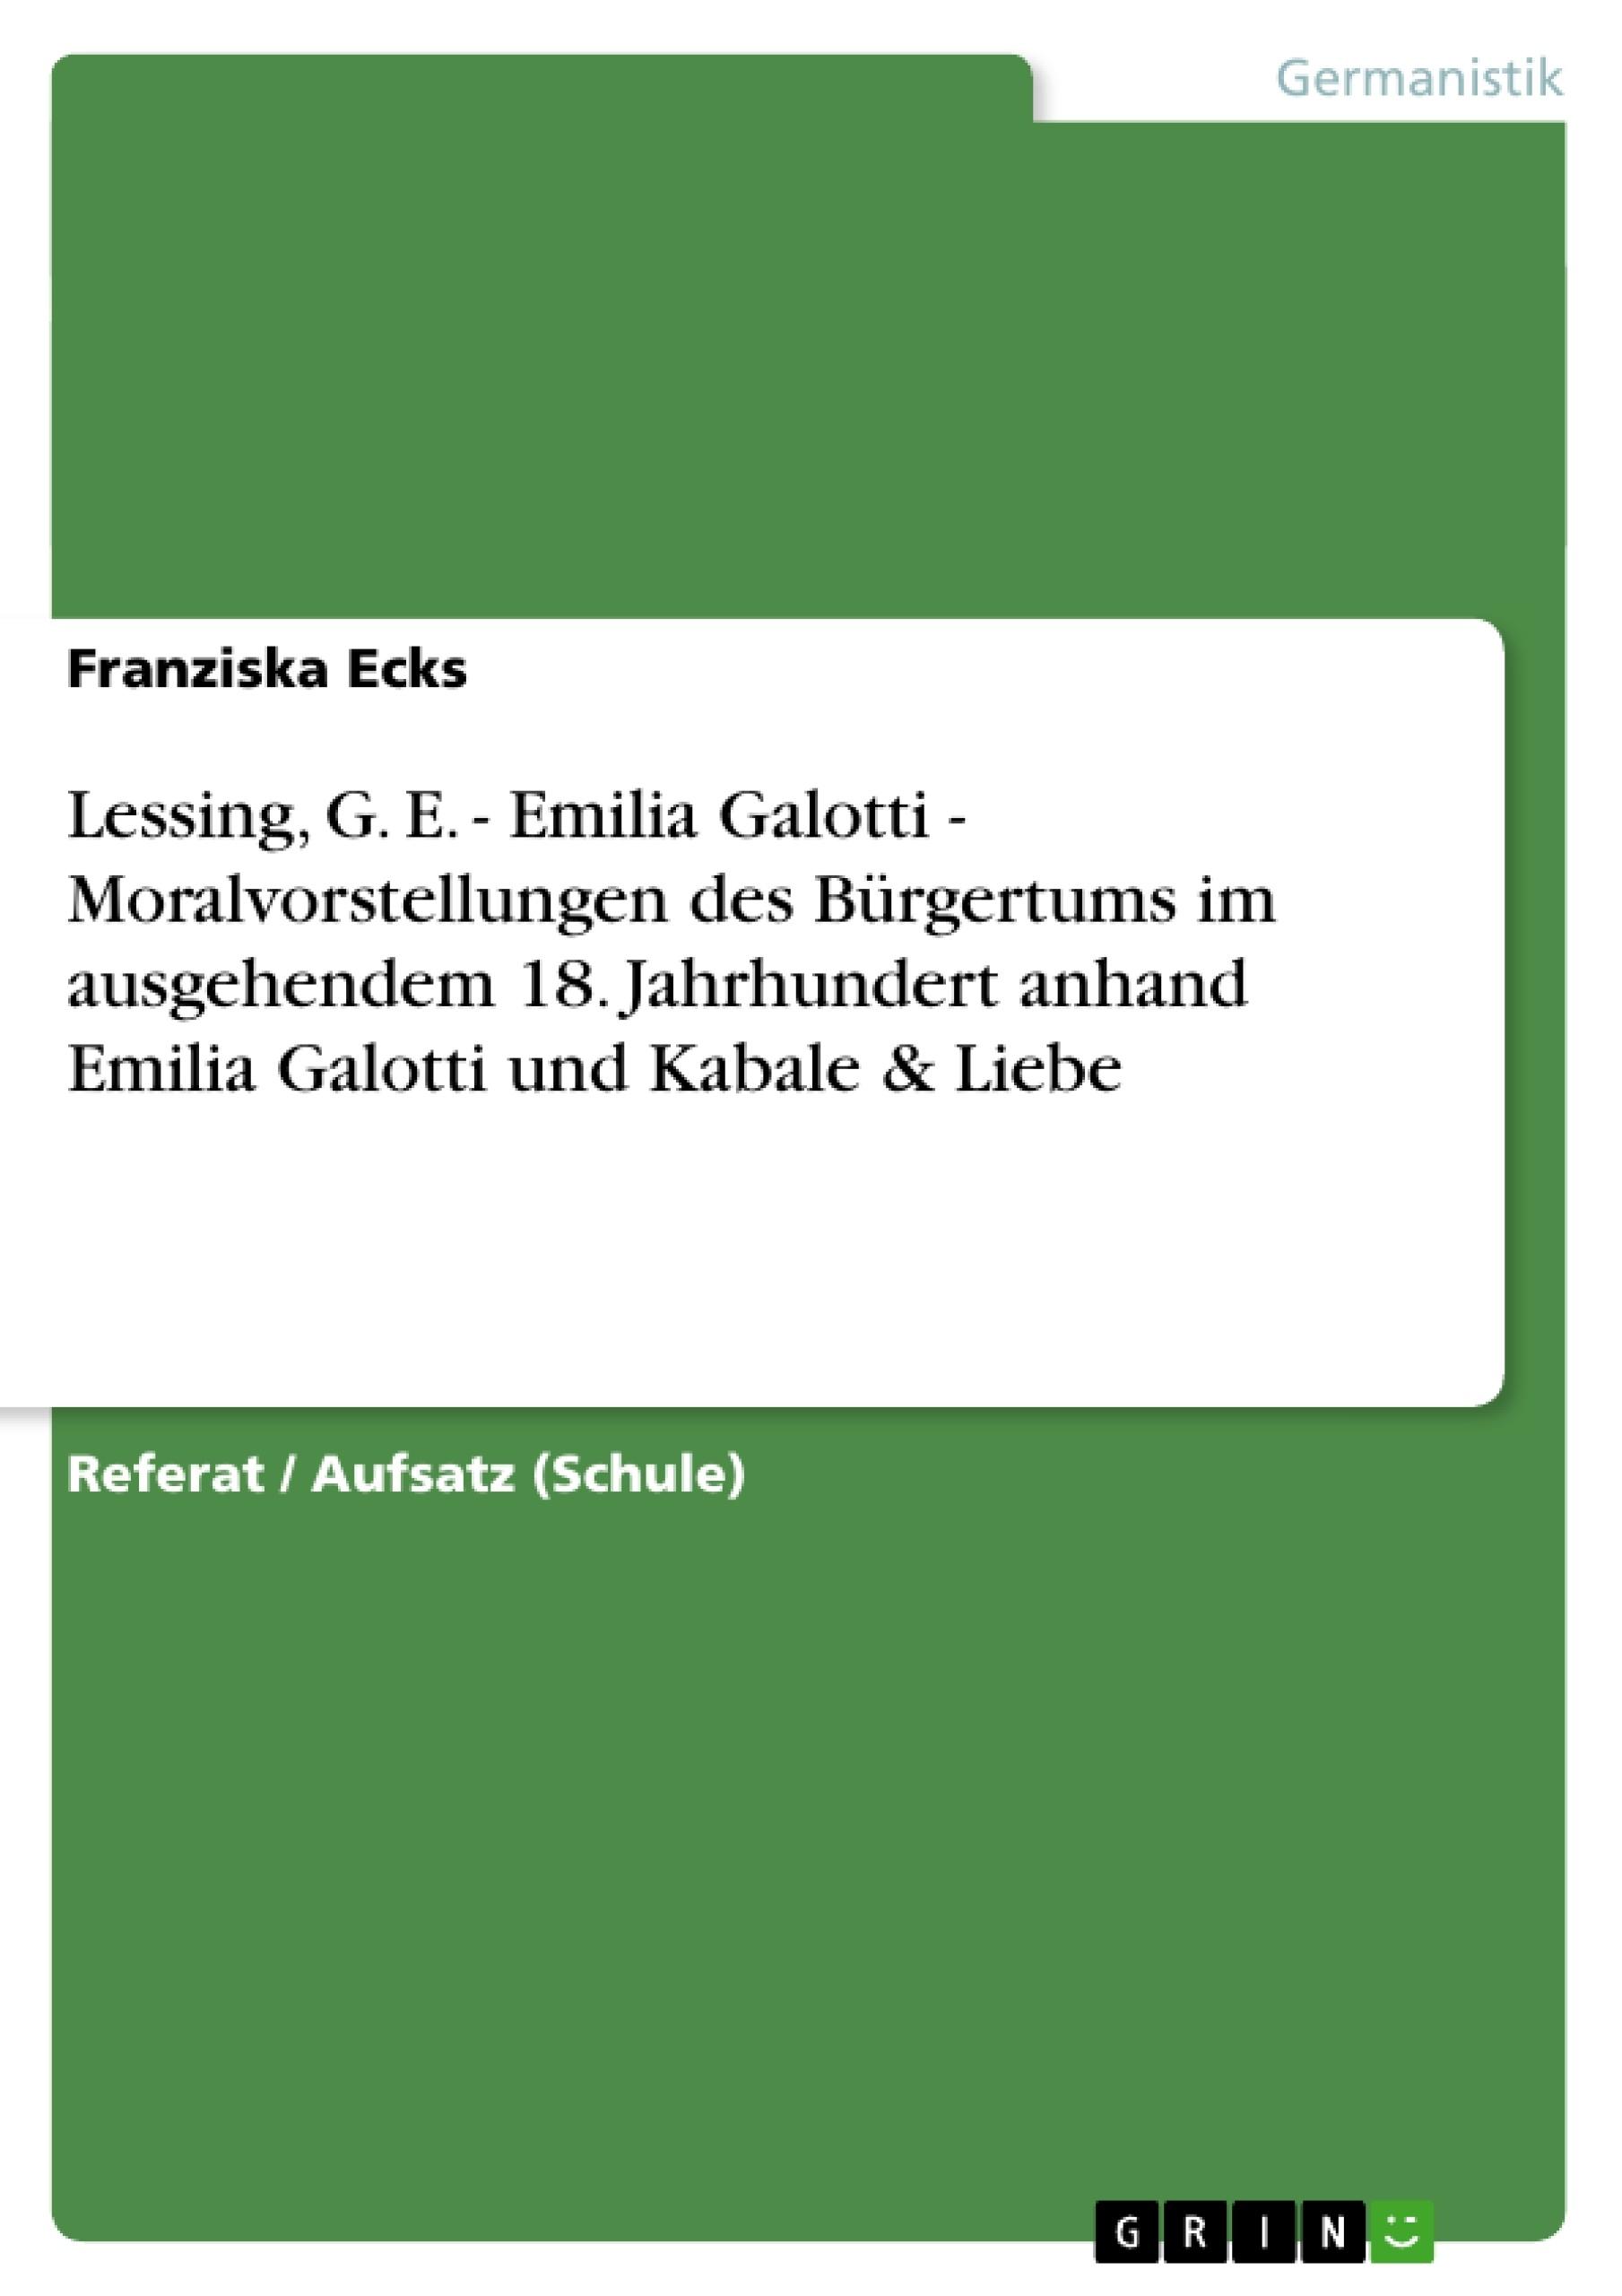 Titel: Lessing, G. E. - Emilia Galotti - Moralvorstellungen des Bürgertums im ausgehendem 18. Jahrhundert anhand Emilia Galotti und Kabale & Liebe